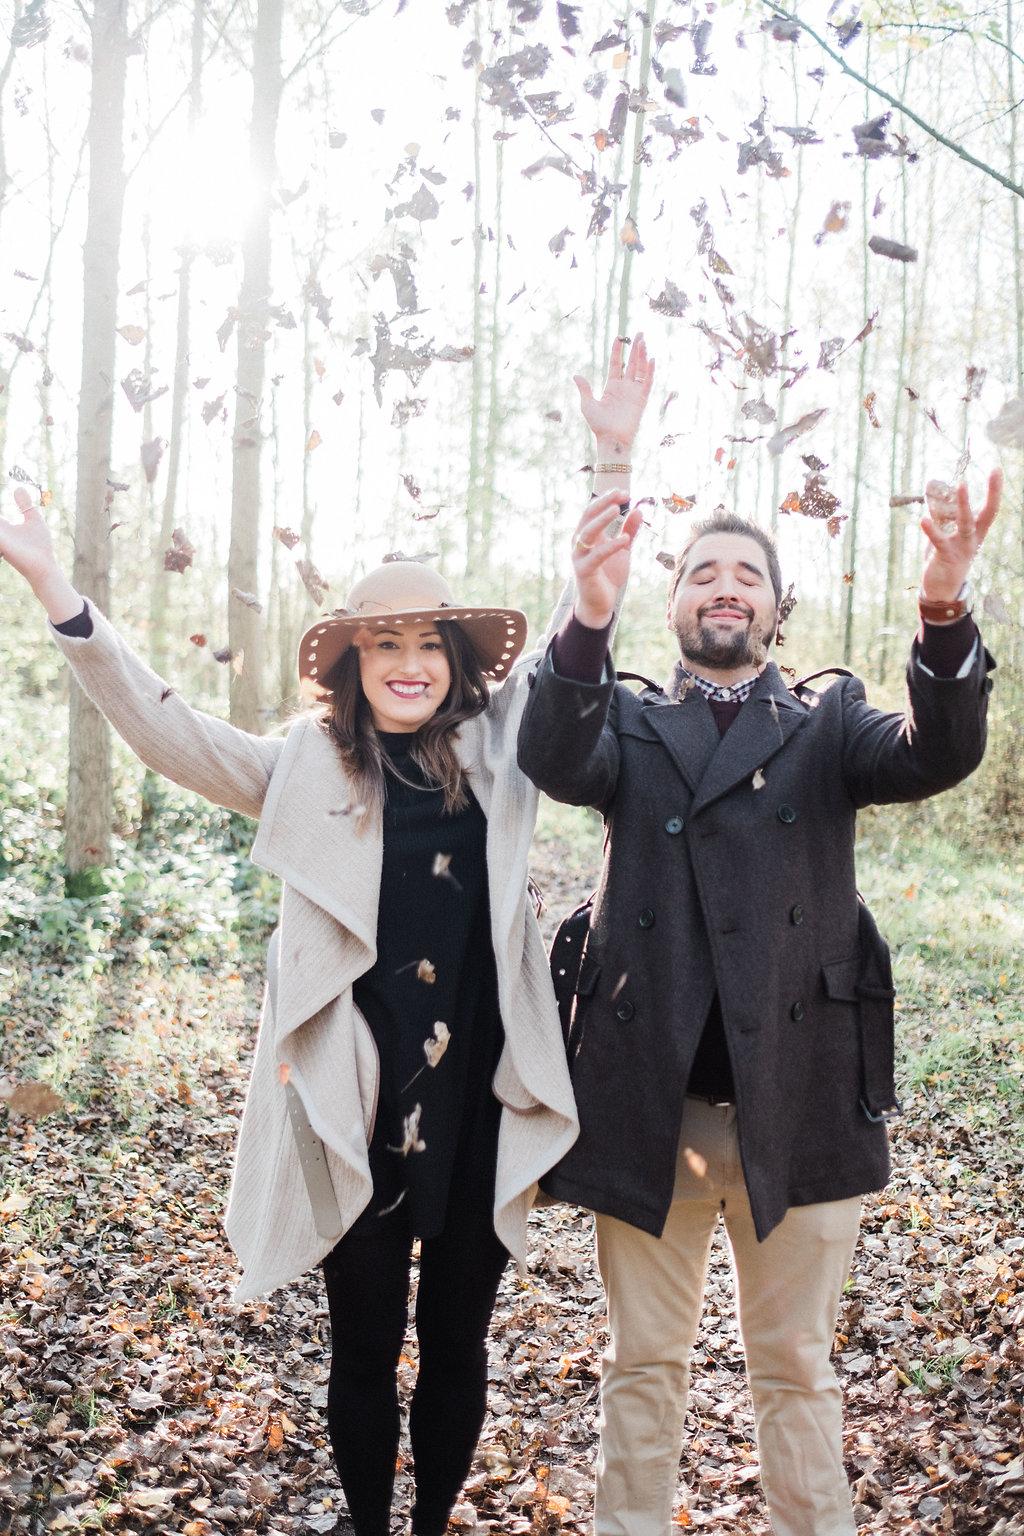 Nicola&Lee-8.jpg